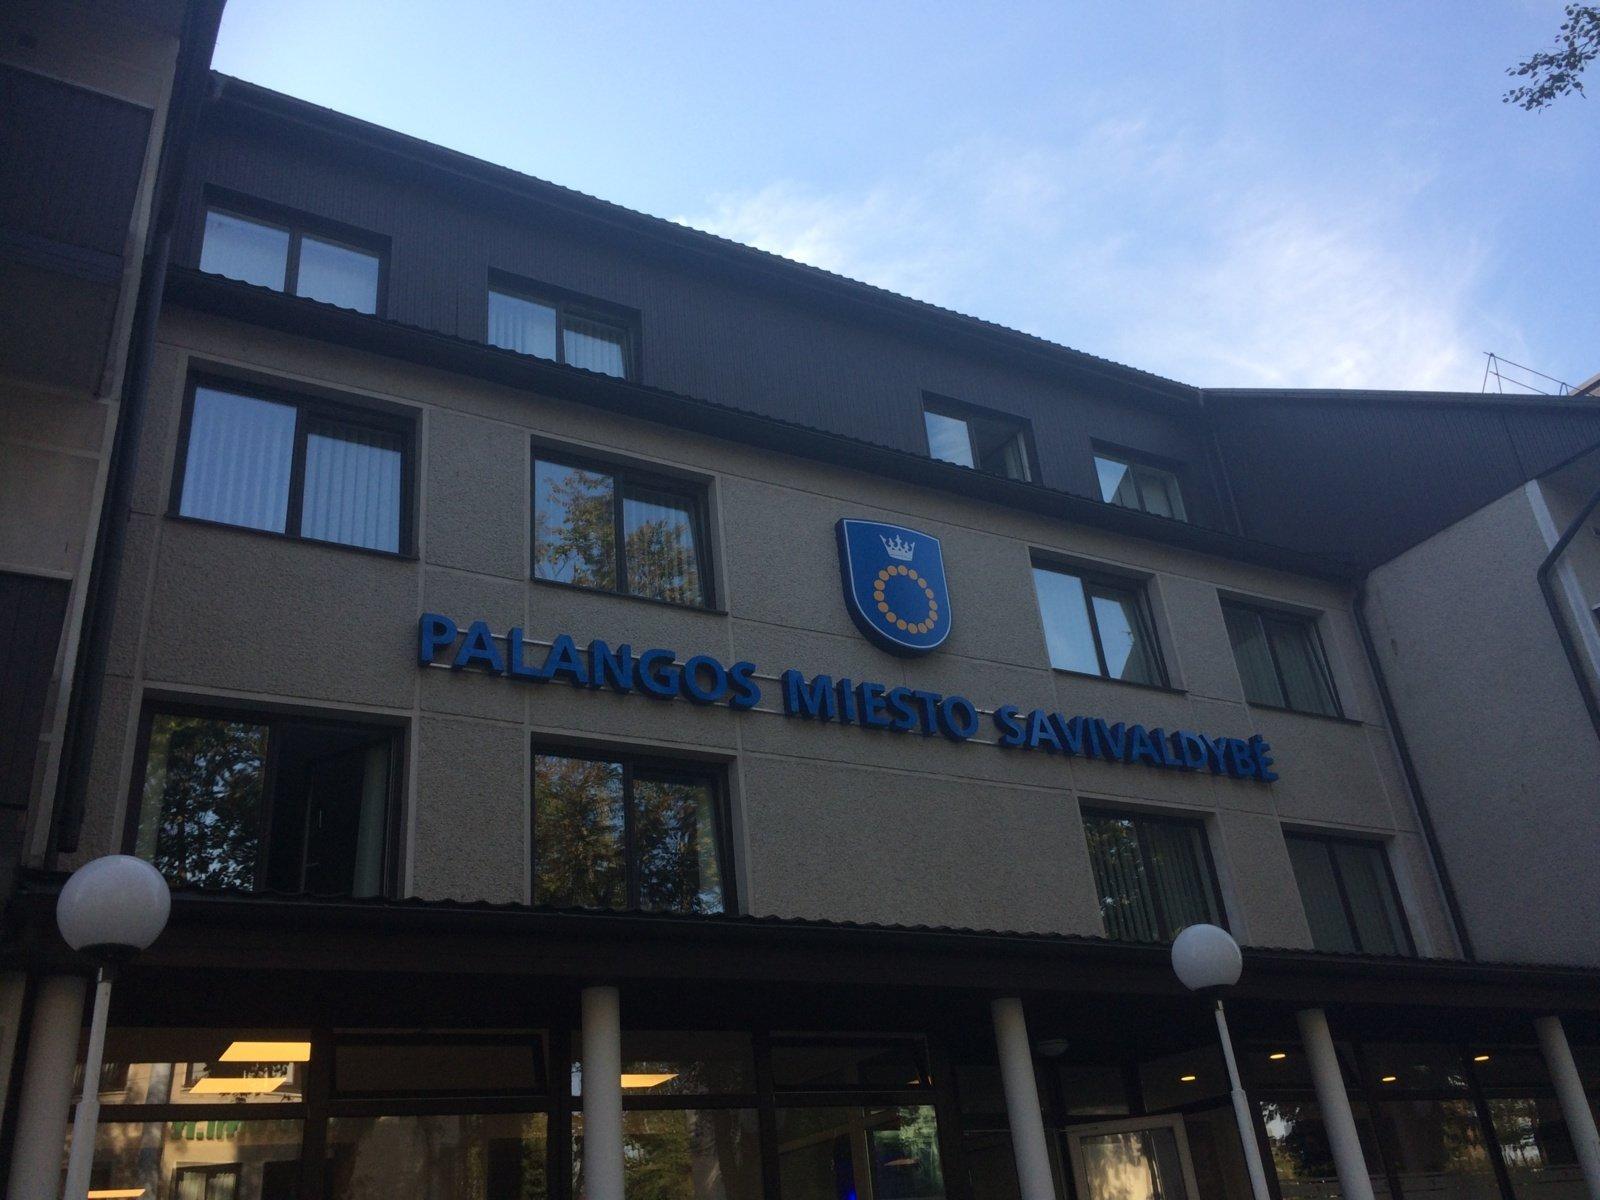 VTEK tirs Palangos miesto savivaldybės tarybos narės S. Grigorian elgesį